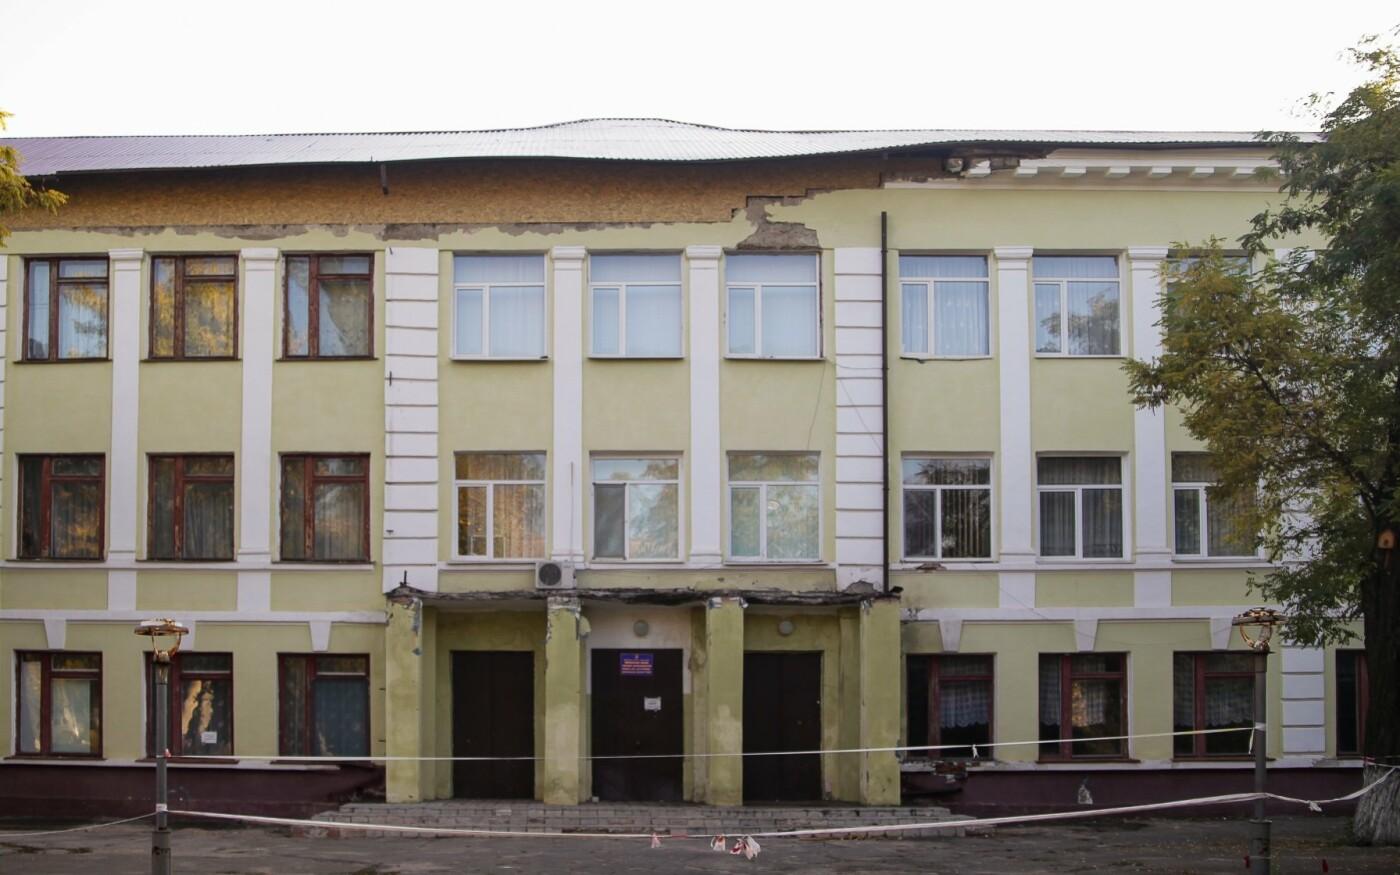 На Днепропетровщине отреконструируют школу за 185 миллионов гривен, - ФОТО, фото-2